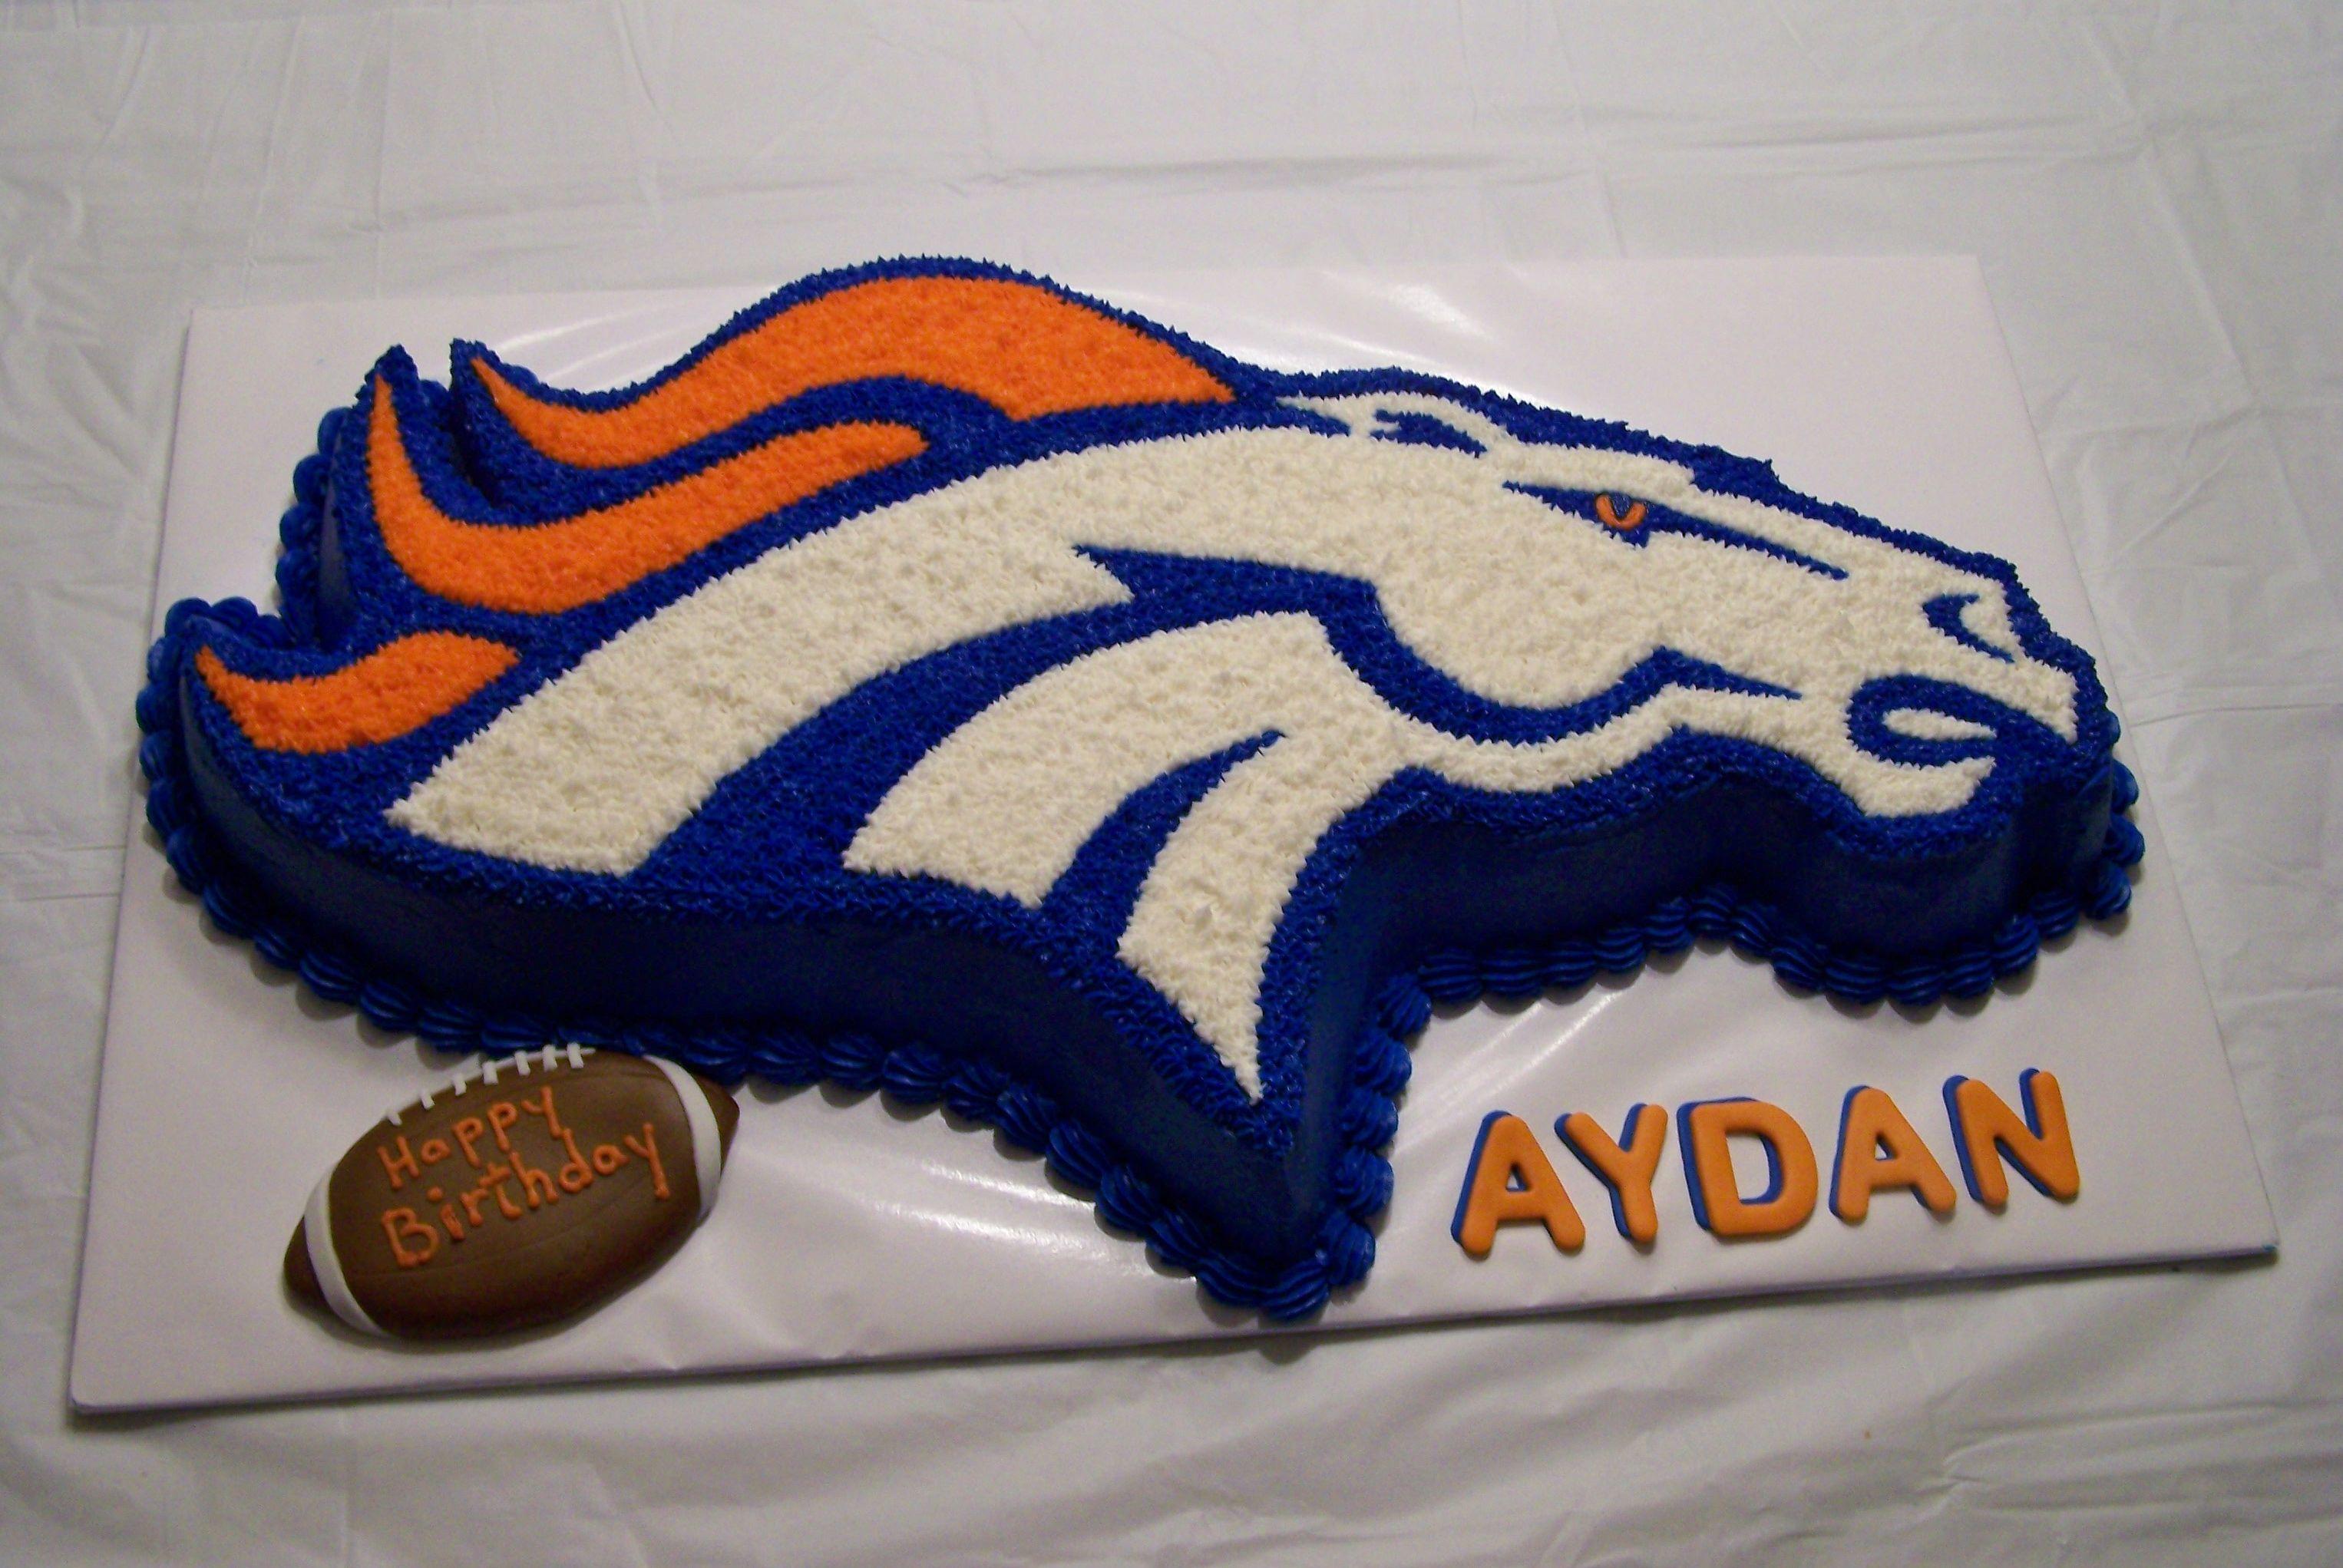 Denver Broncos Cake Cakes Ive Made Pinterest Denver Broncos